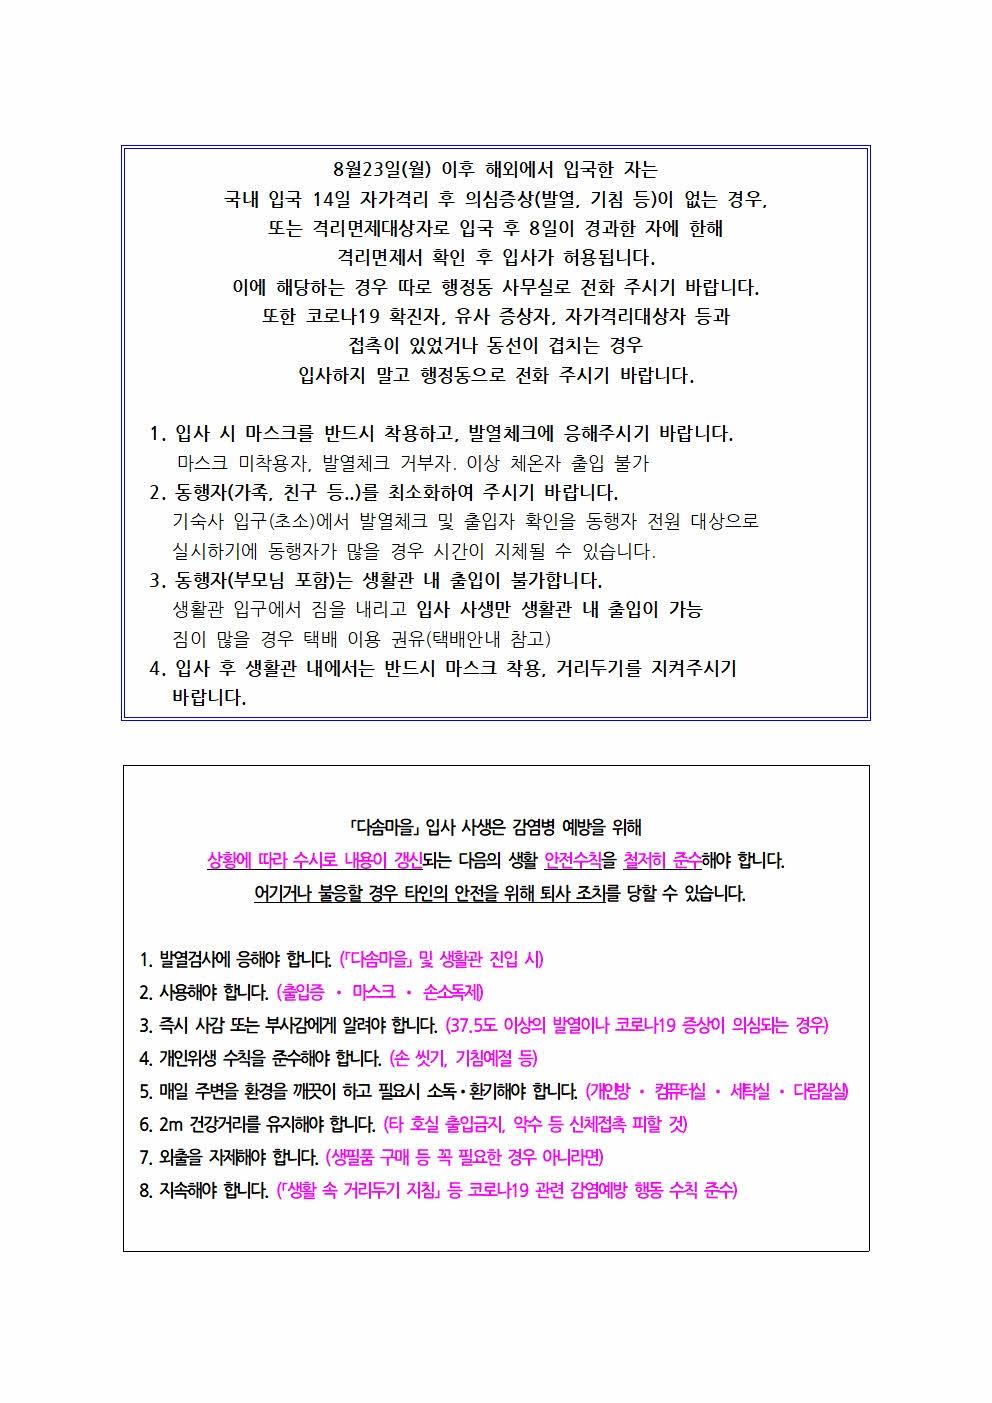 진짜2021-2학기 다솜마을 입사안내문002.jpg